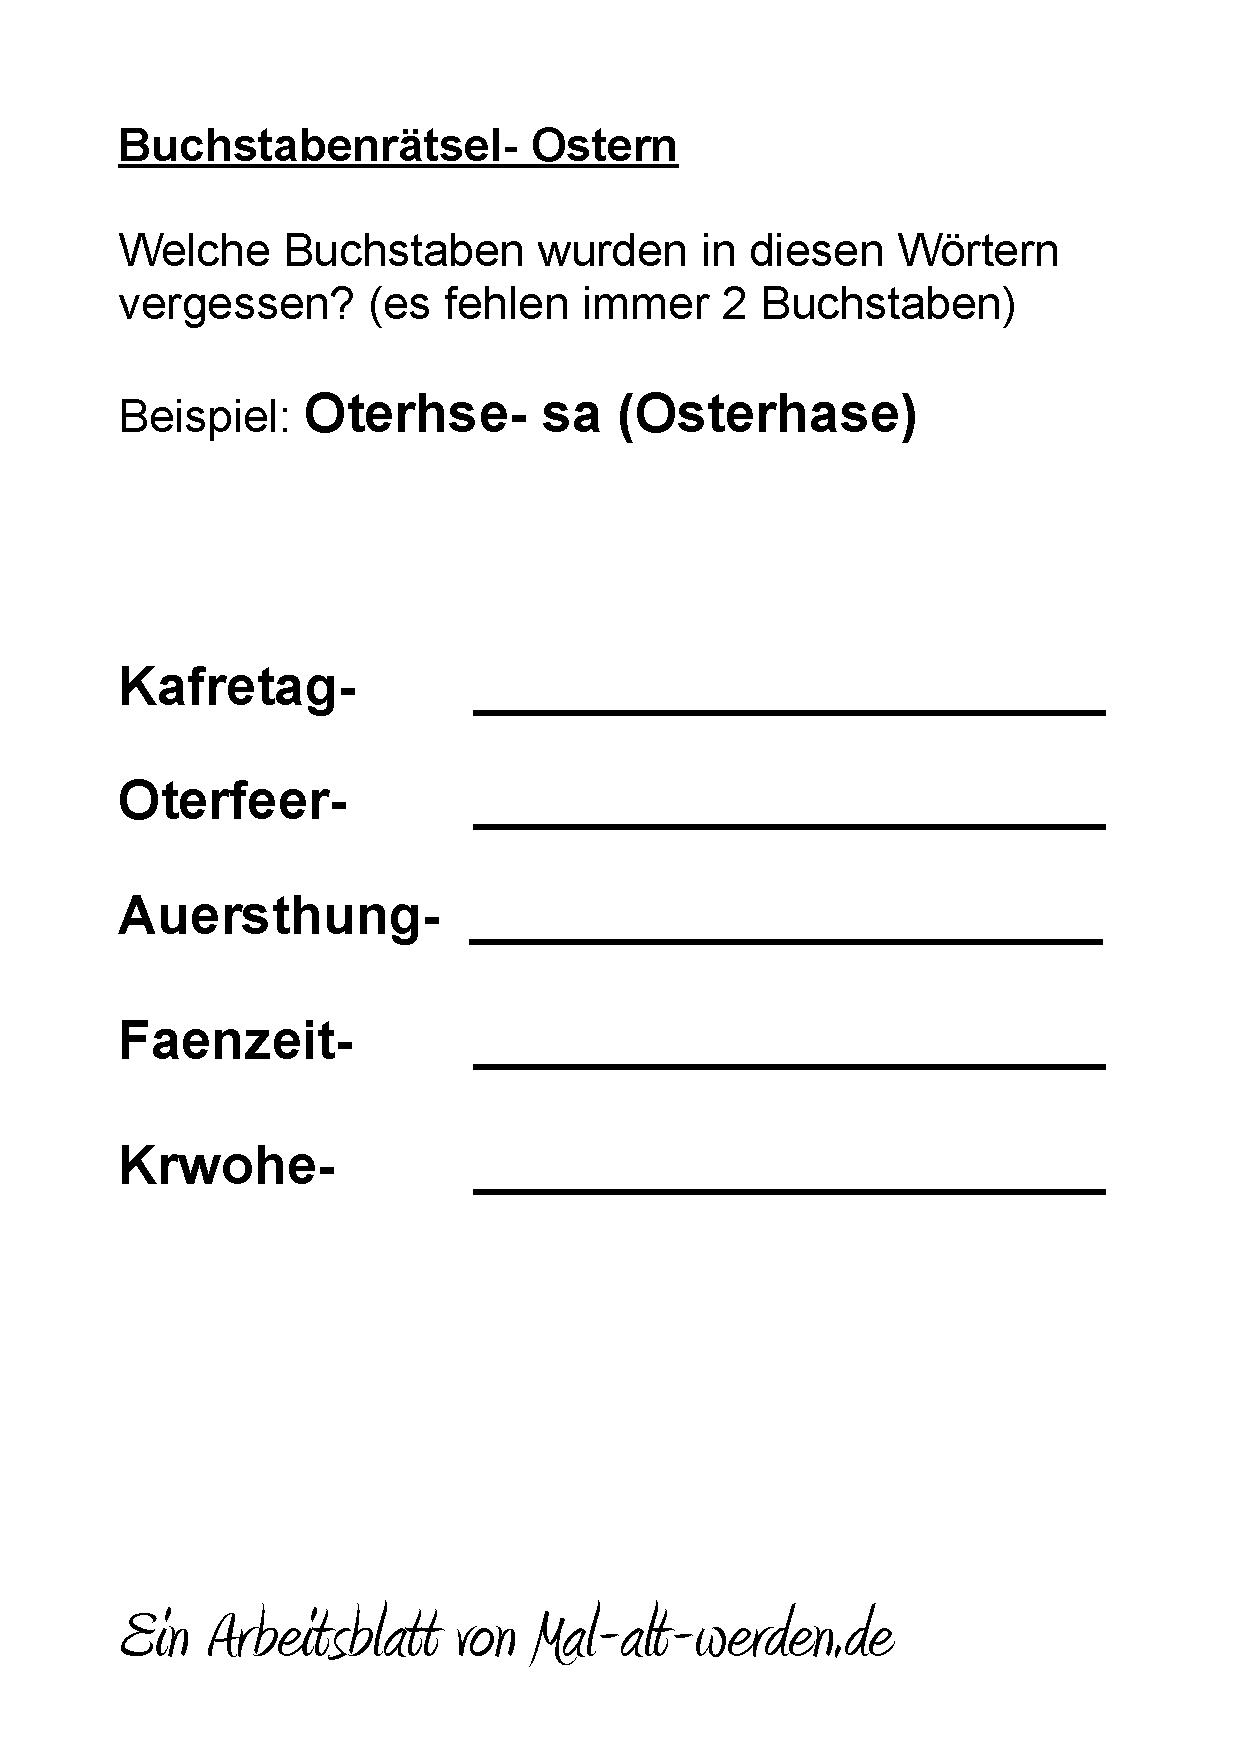 Ziemlich Ostern Themen Mathe Arbeitsblatt Bilder - Gemischte Übungen ...